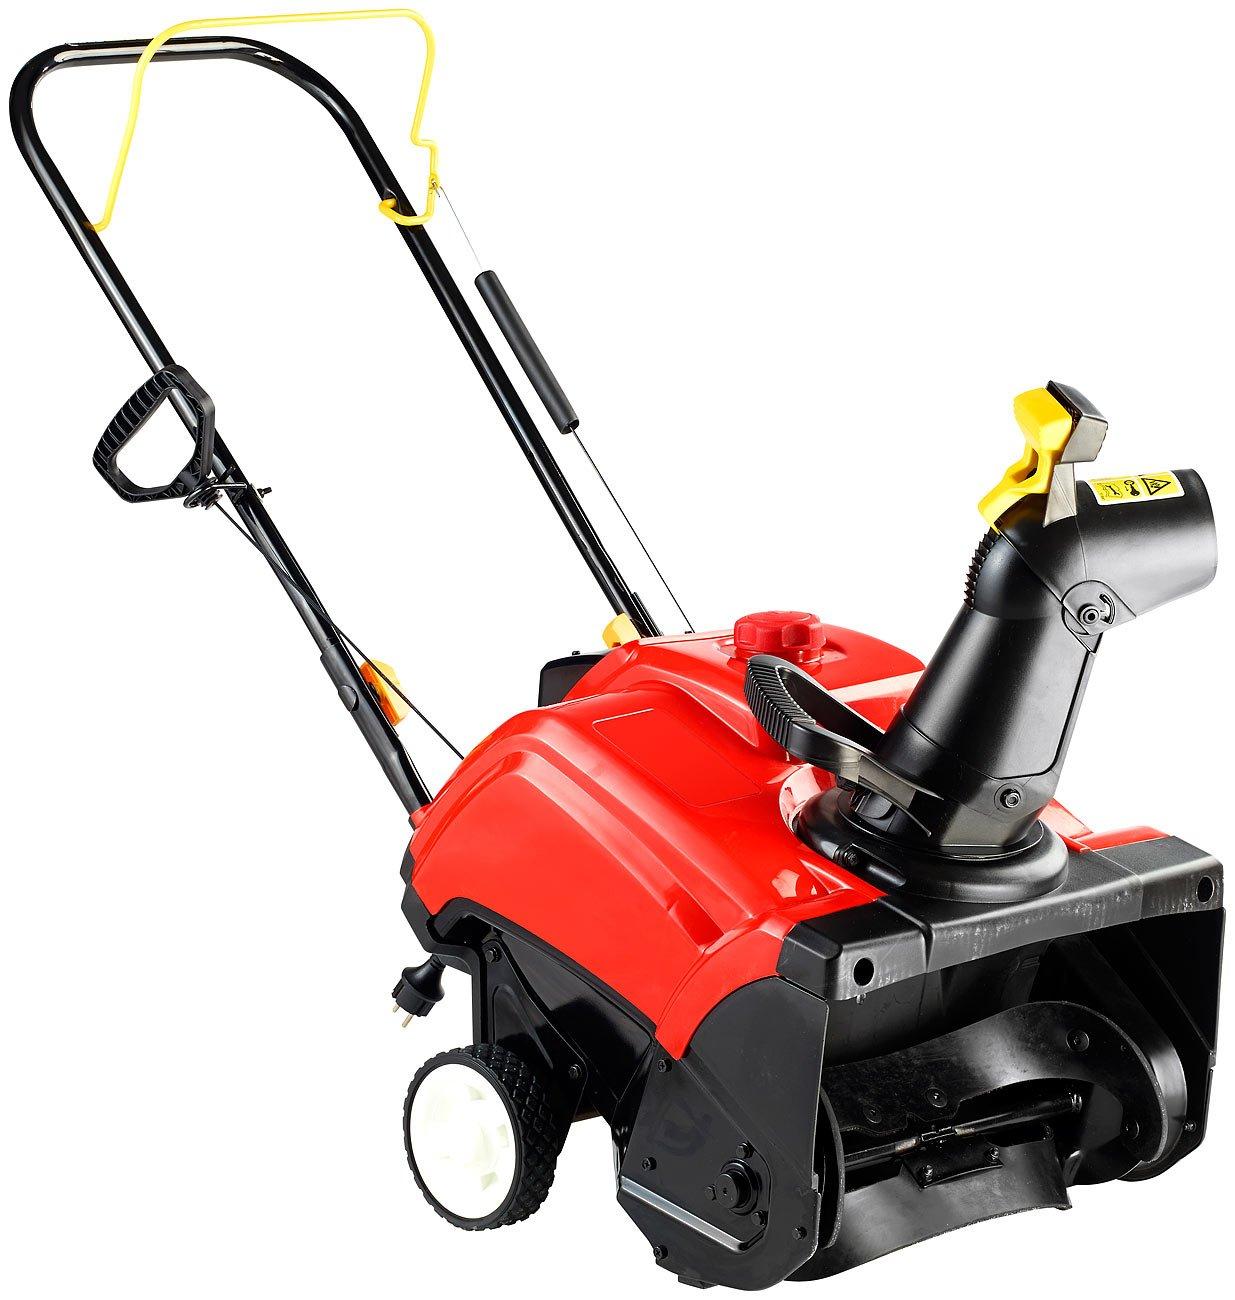 AGT Benzin Schneefräsen: Motor-Schneefräse SB-420.b, 2 kW (2,8 PS), 46 cm Räumbreite (Schneeräumer)